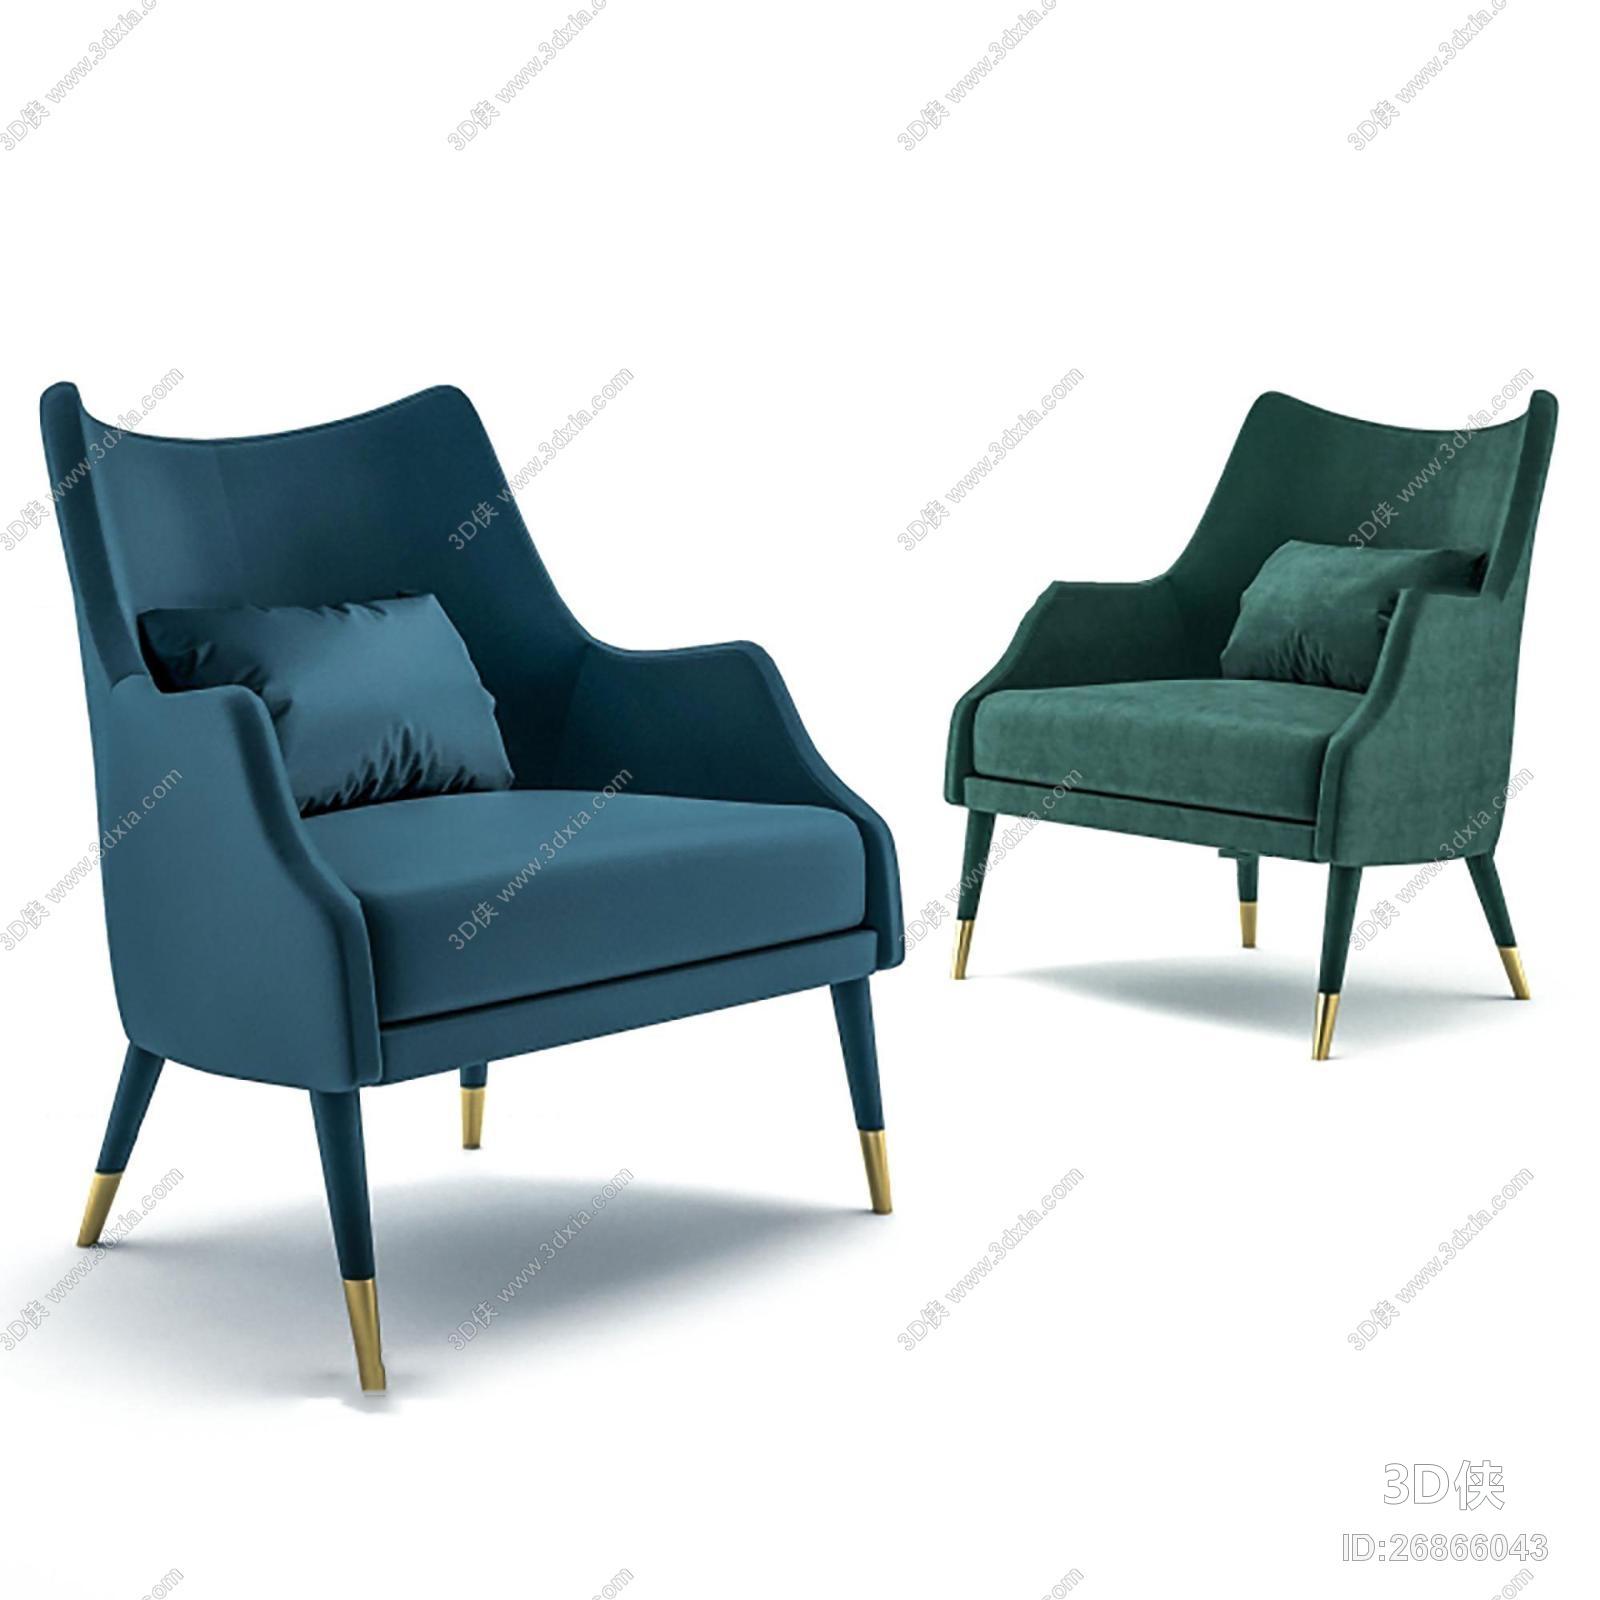 单椅效果图素材免费下载,本作品主题是现代布艺单人沙发椅组合3d模型